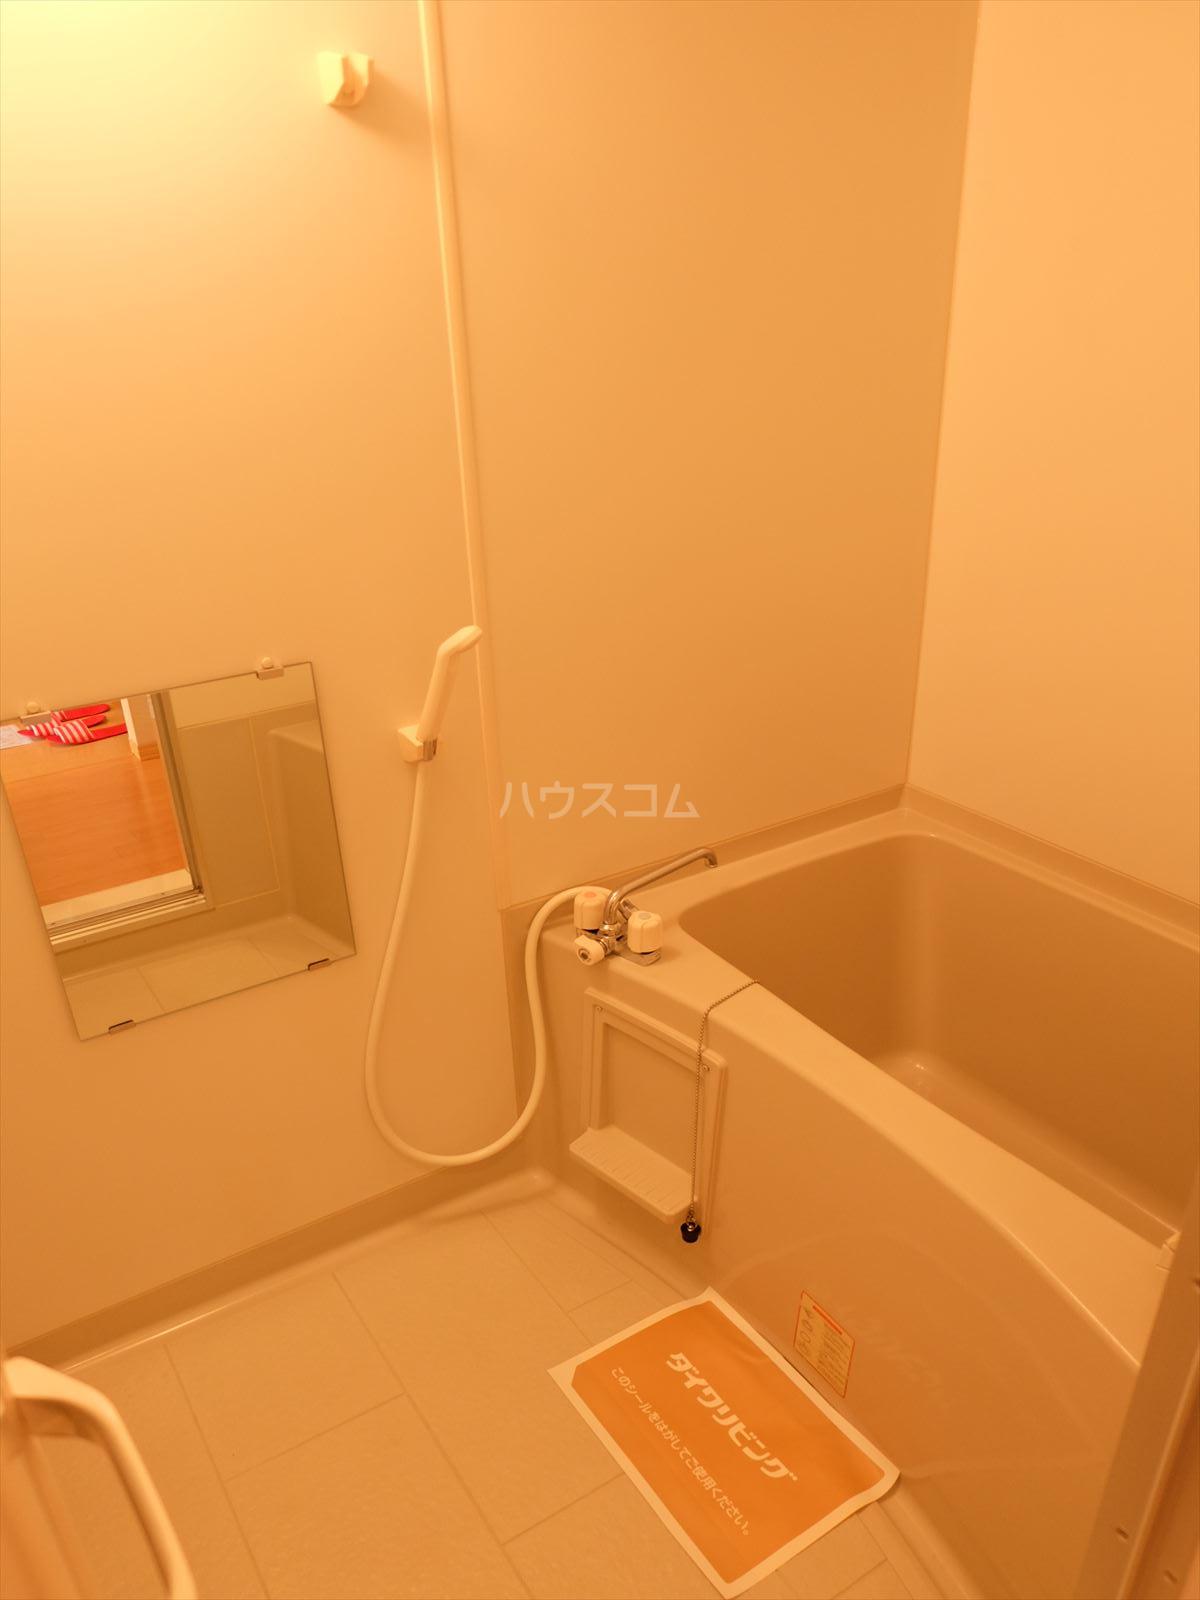 グランメール 201号室の風呂